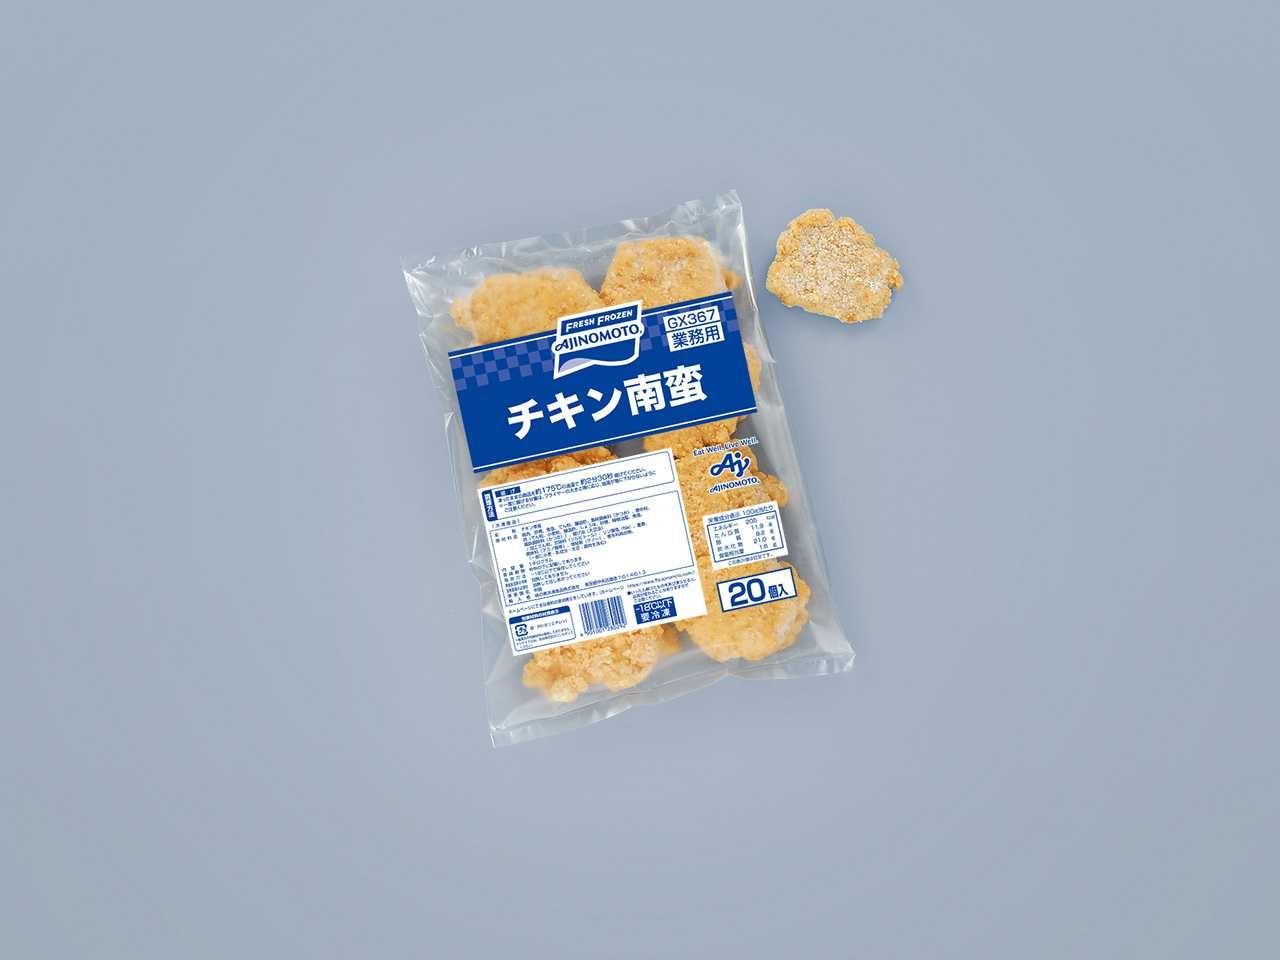 * 味の素 チキン南蛮(20個) 1kg